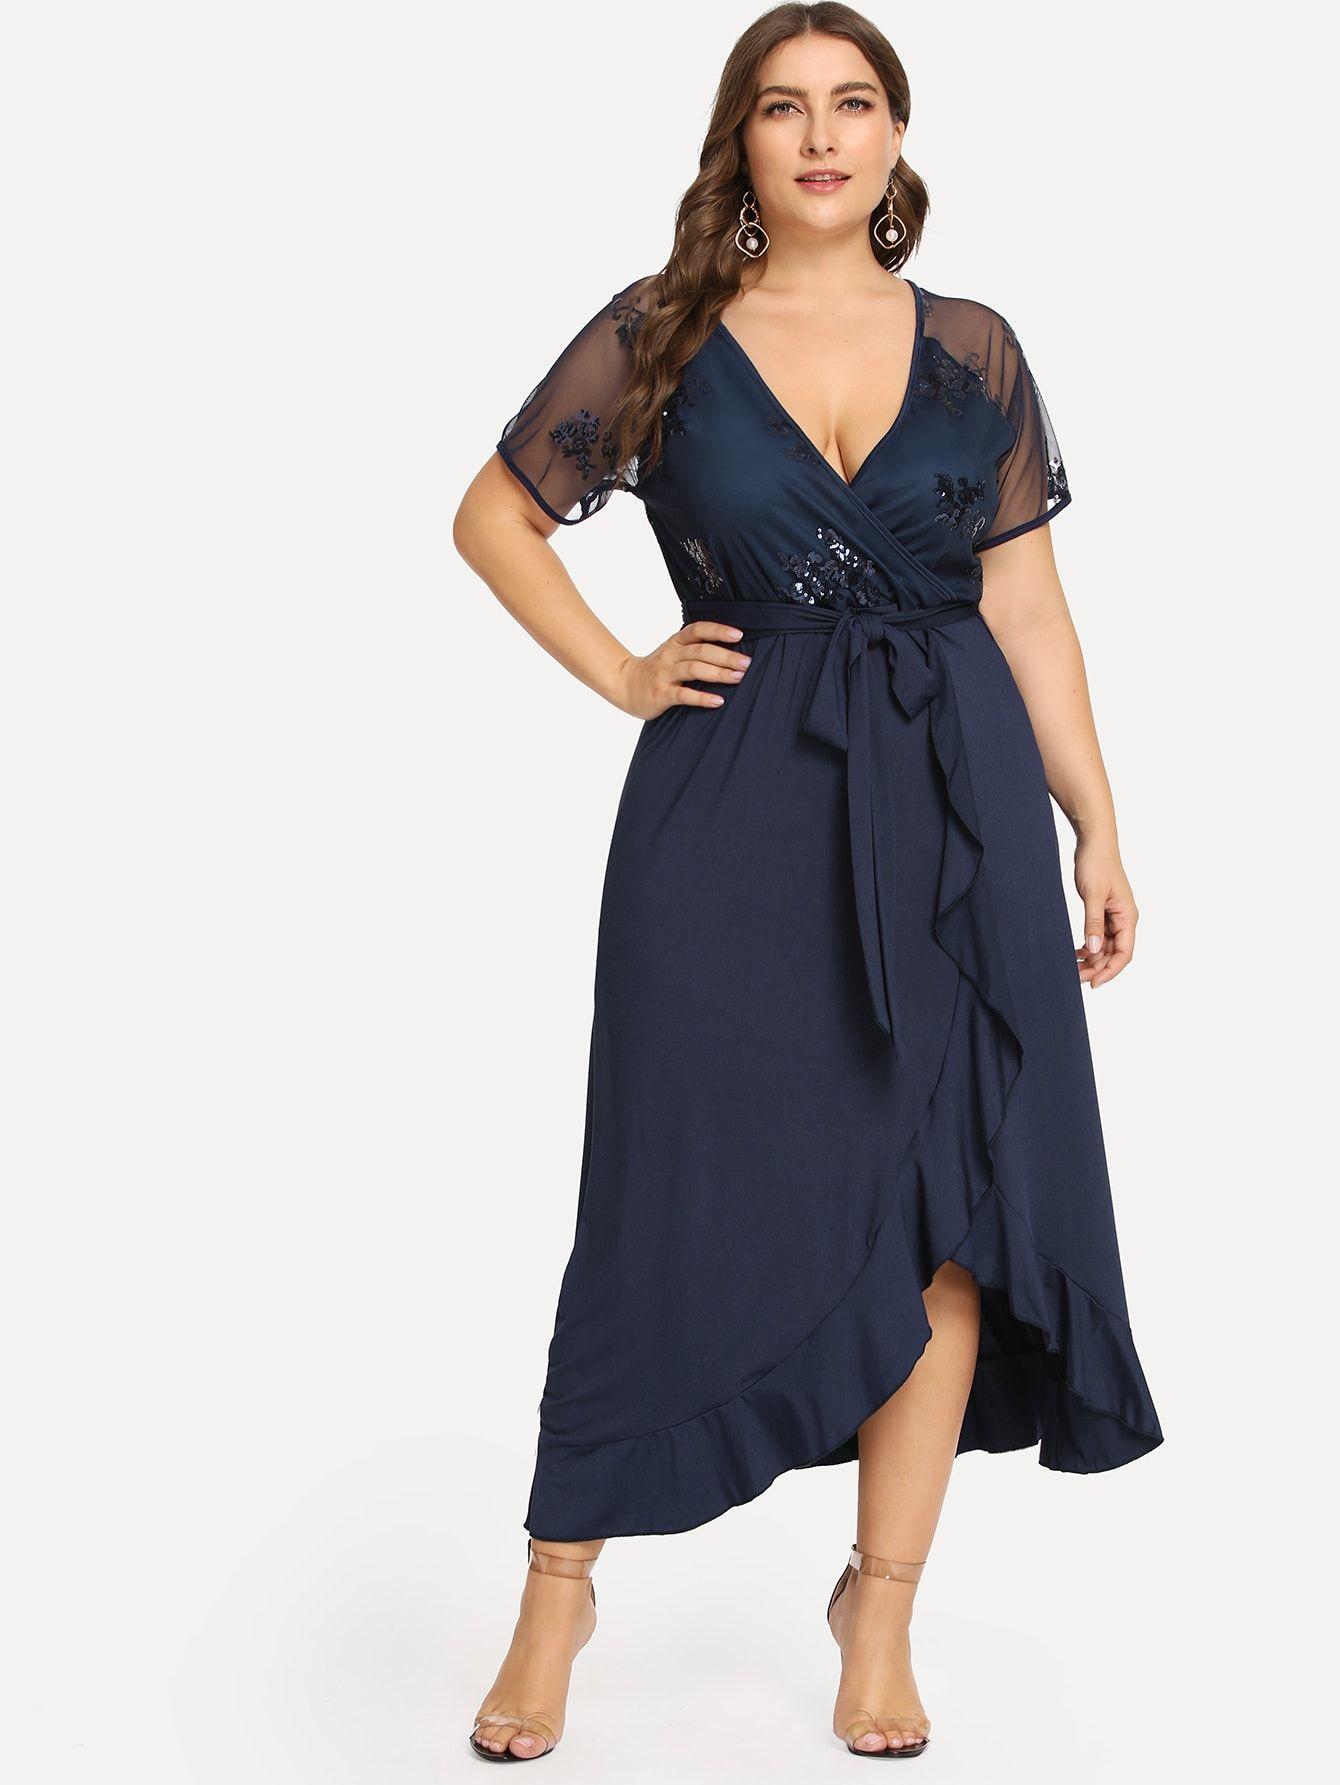 Plus Sequin Mesh Bodice Ruffle Wrap Dress SheIn(Sheinside